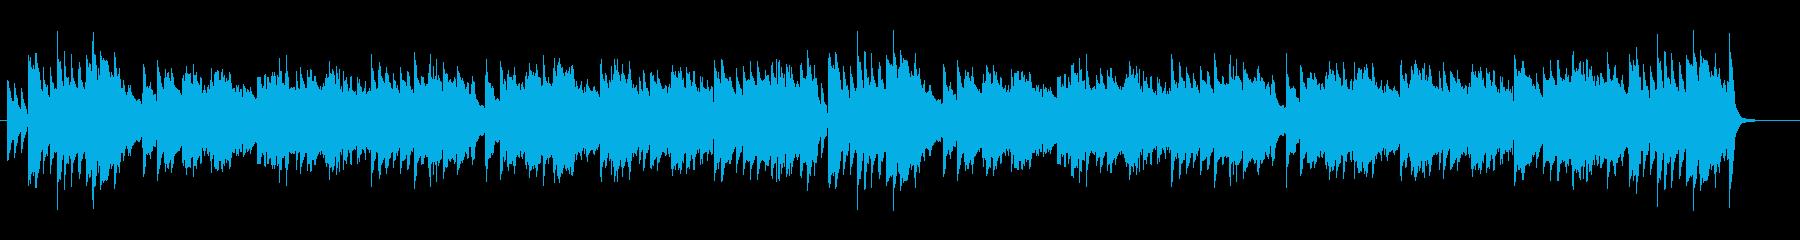 【童謡】かたつむり ピアノ演奏の再生済みの波形